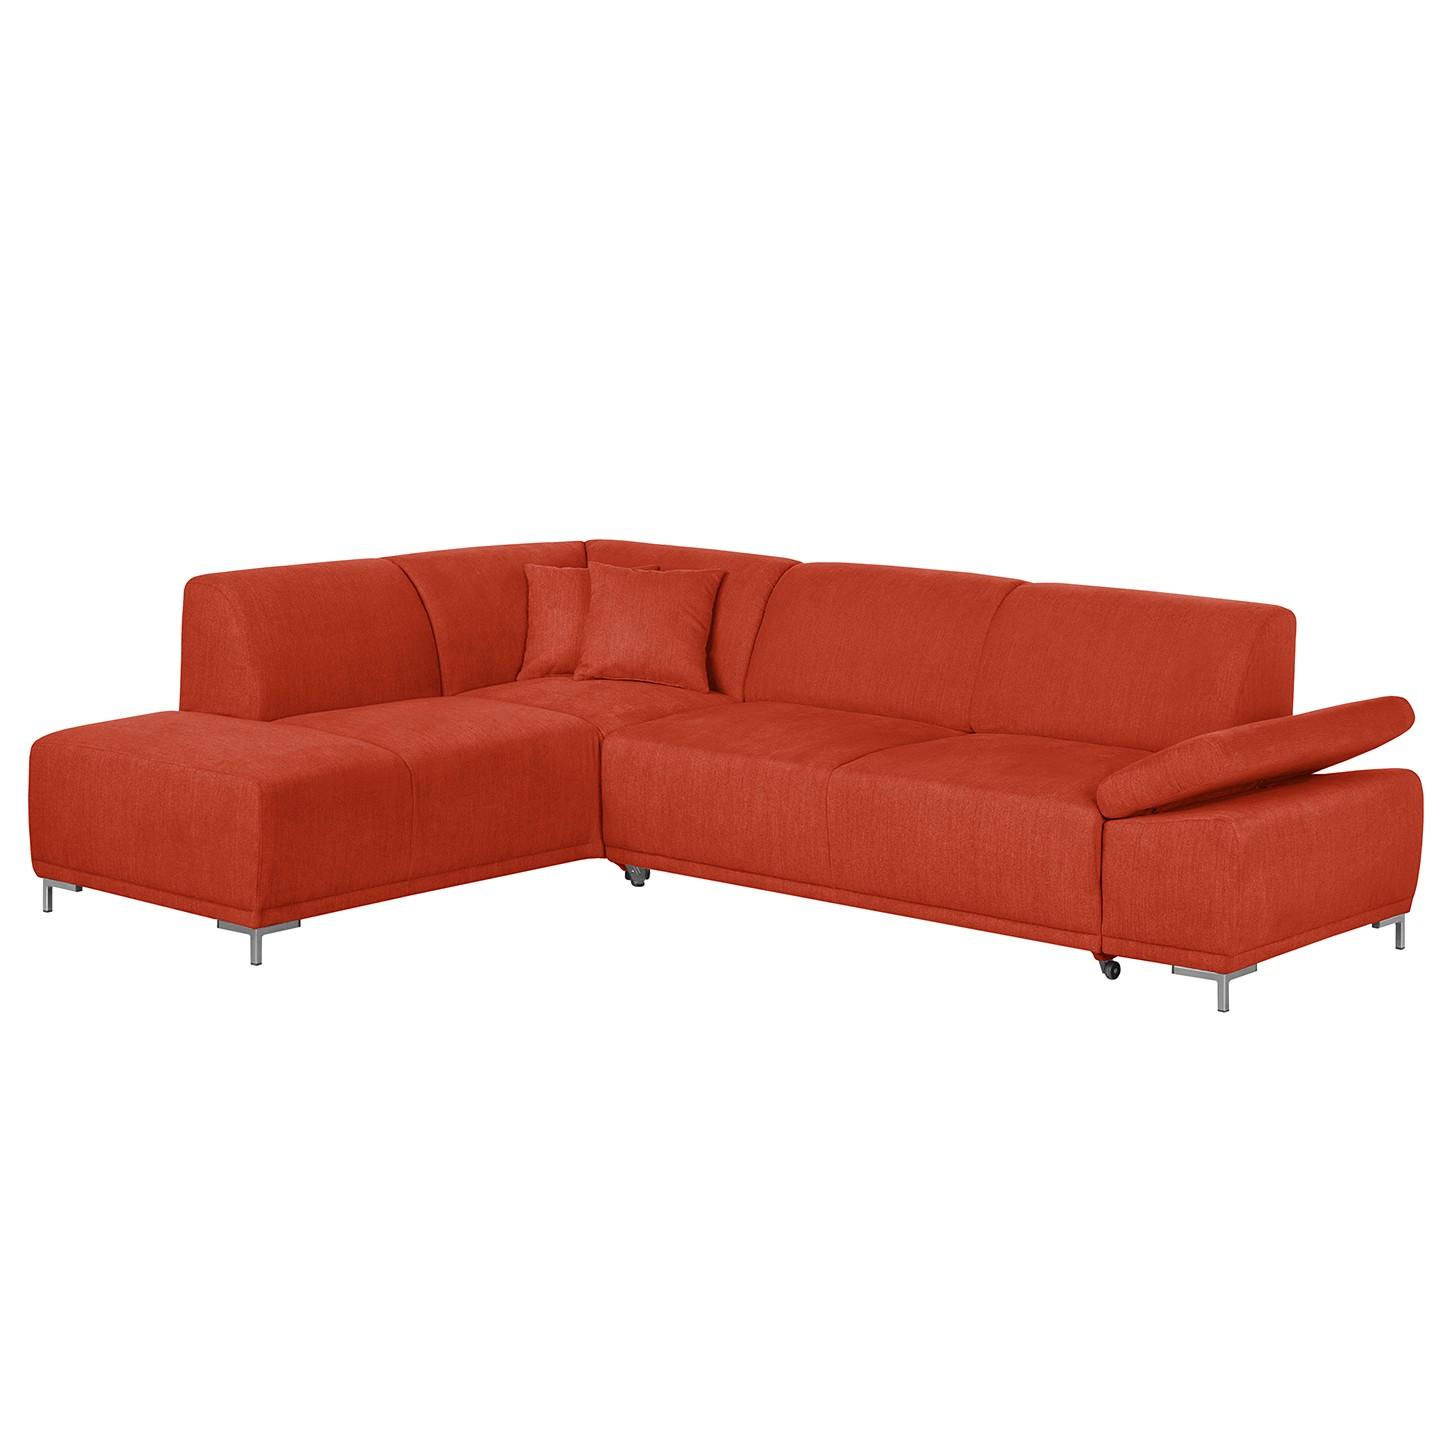 Hoekbank Maradi - geweven stof - longchair vooraanzicht links - Geen functie - Baksteen rood, roomscape